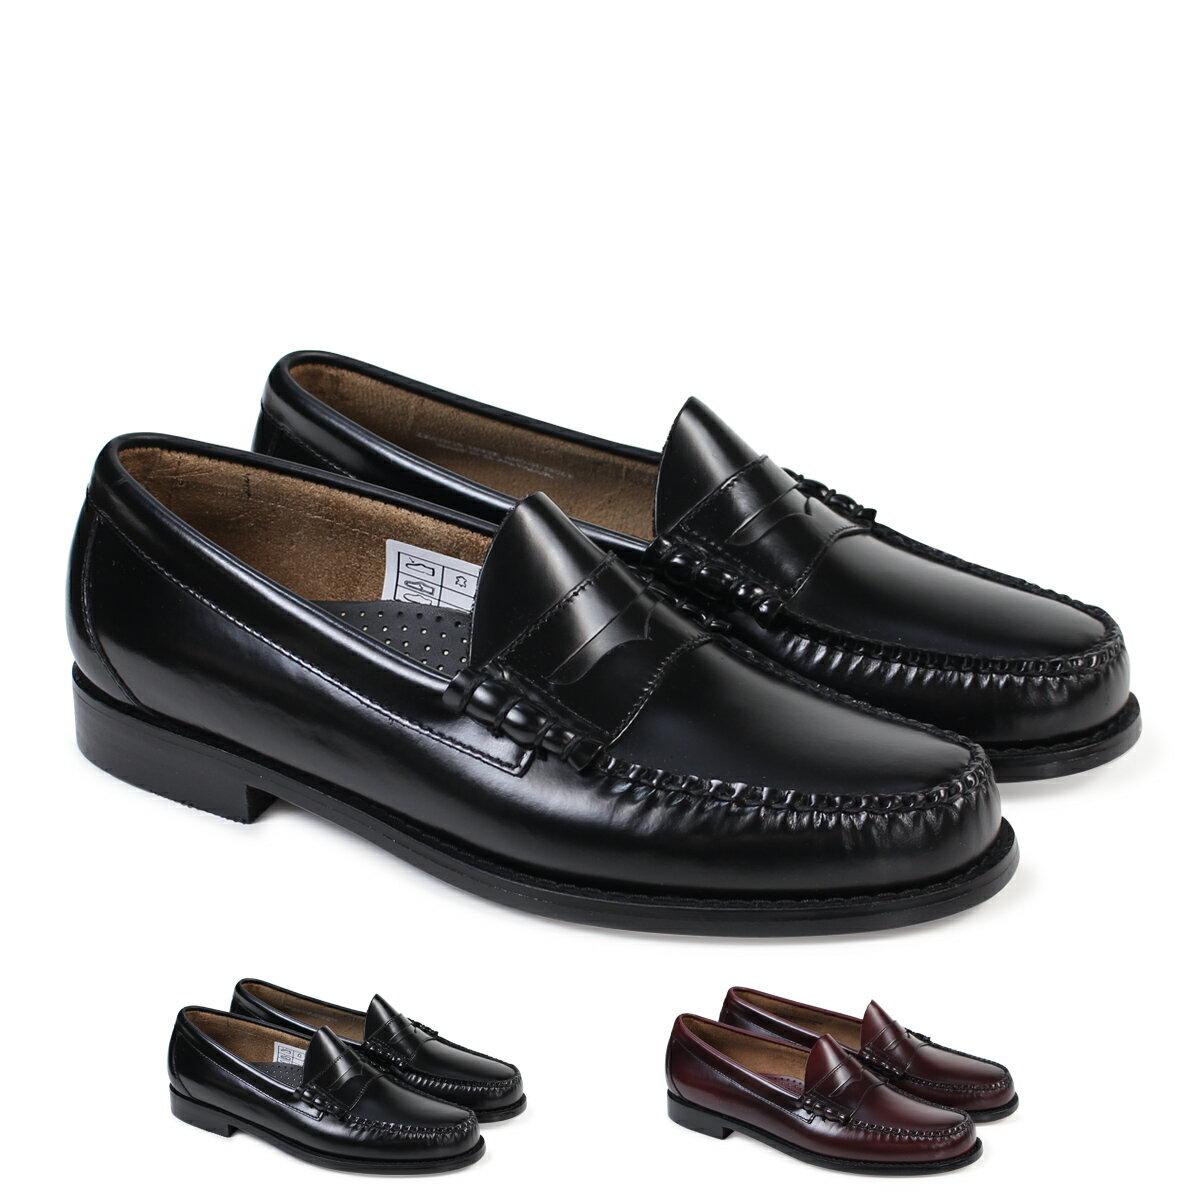 G.H. BASS LARSON 70-10914 70-10919 ジーエイチバス ローファー メンズ 靴 2カラー [1710]